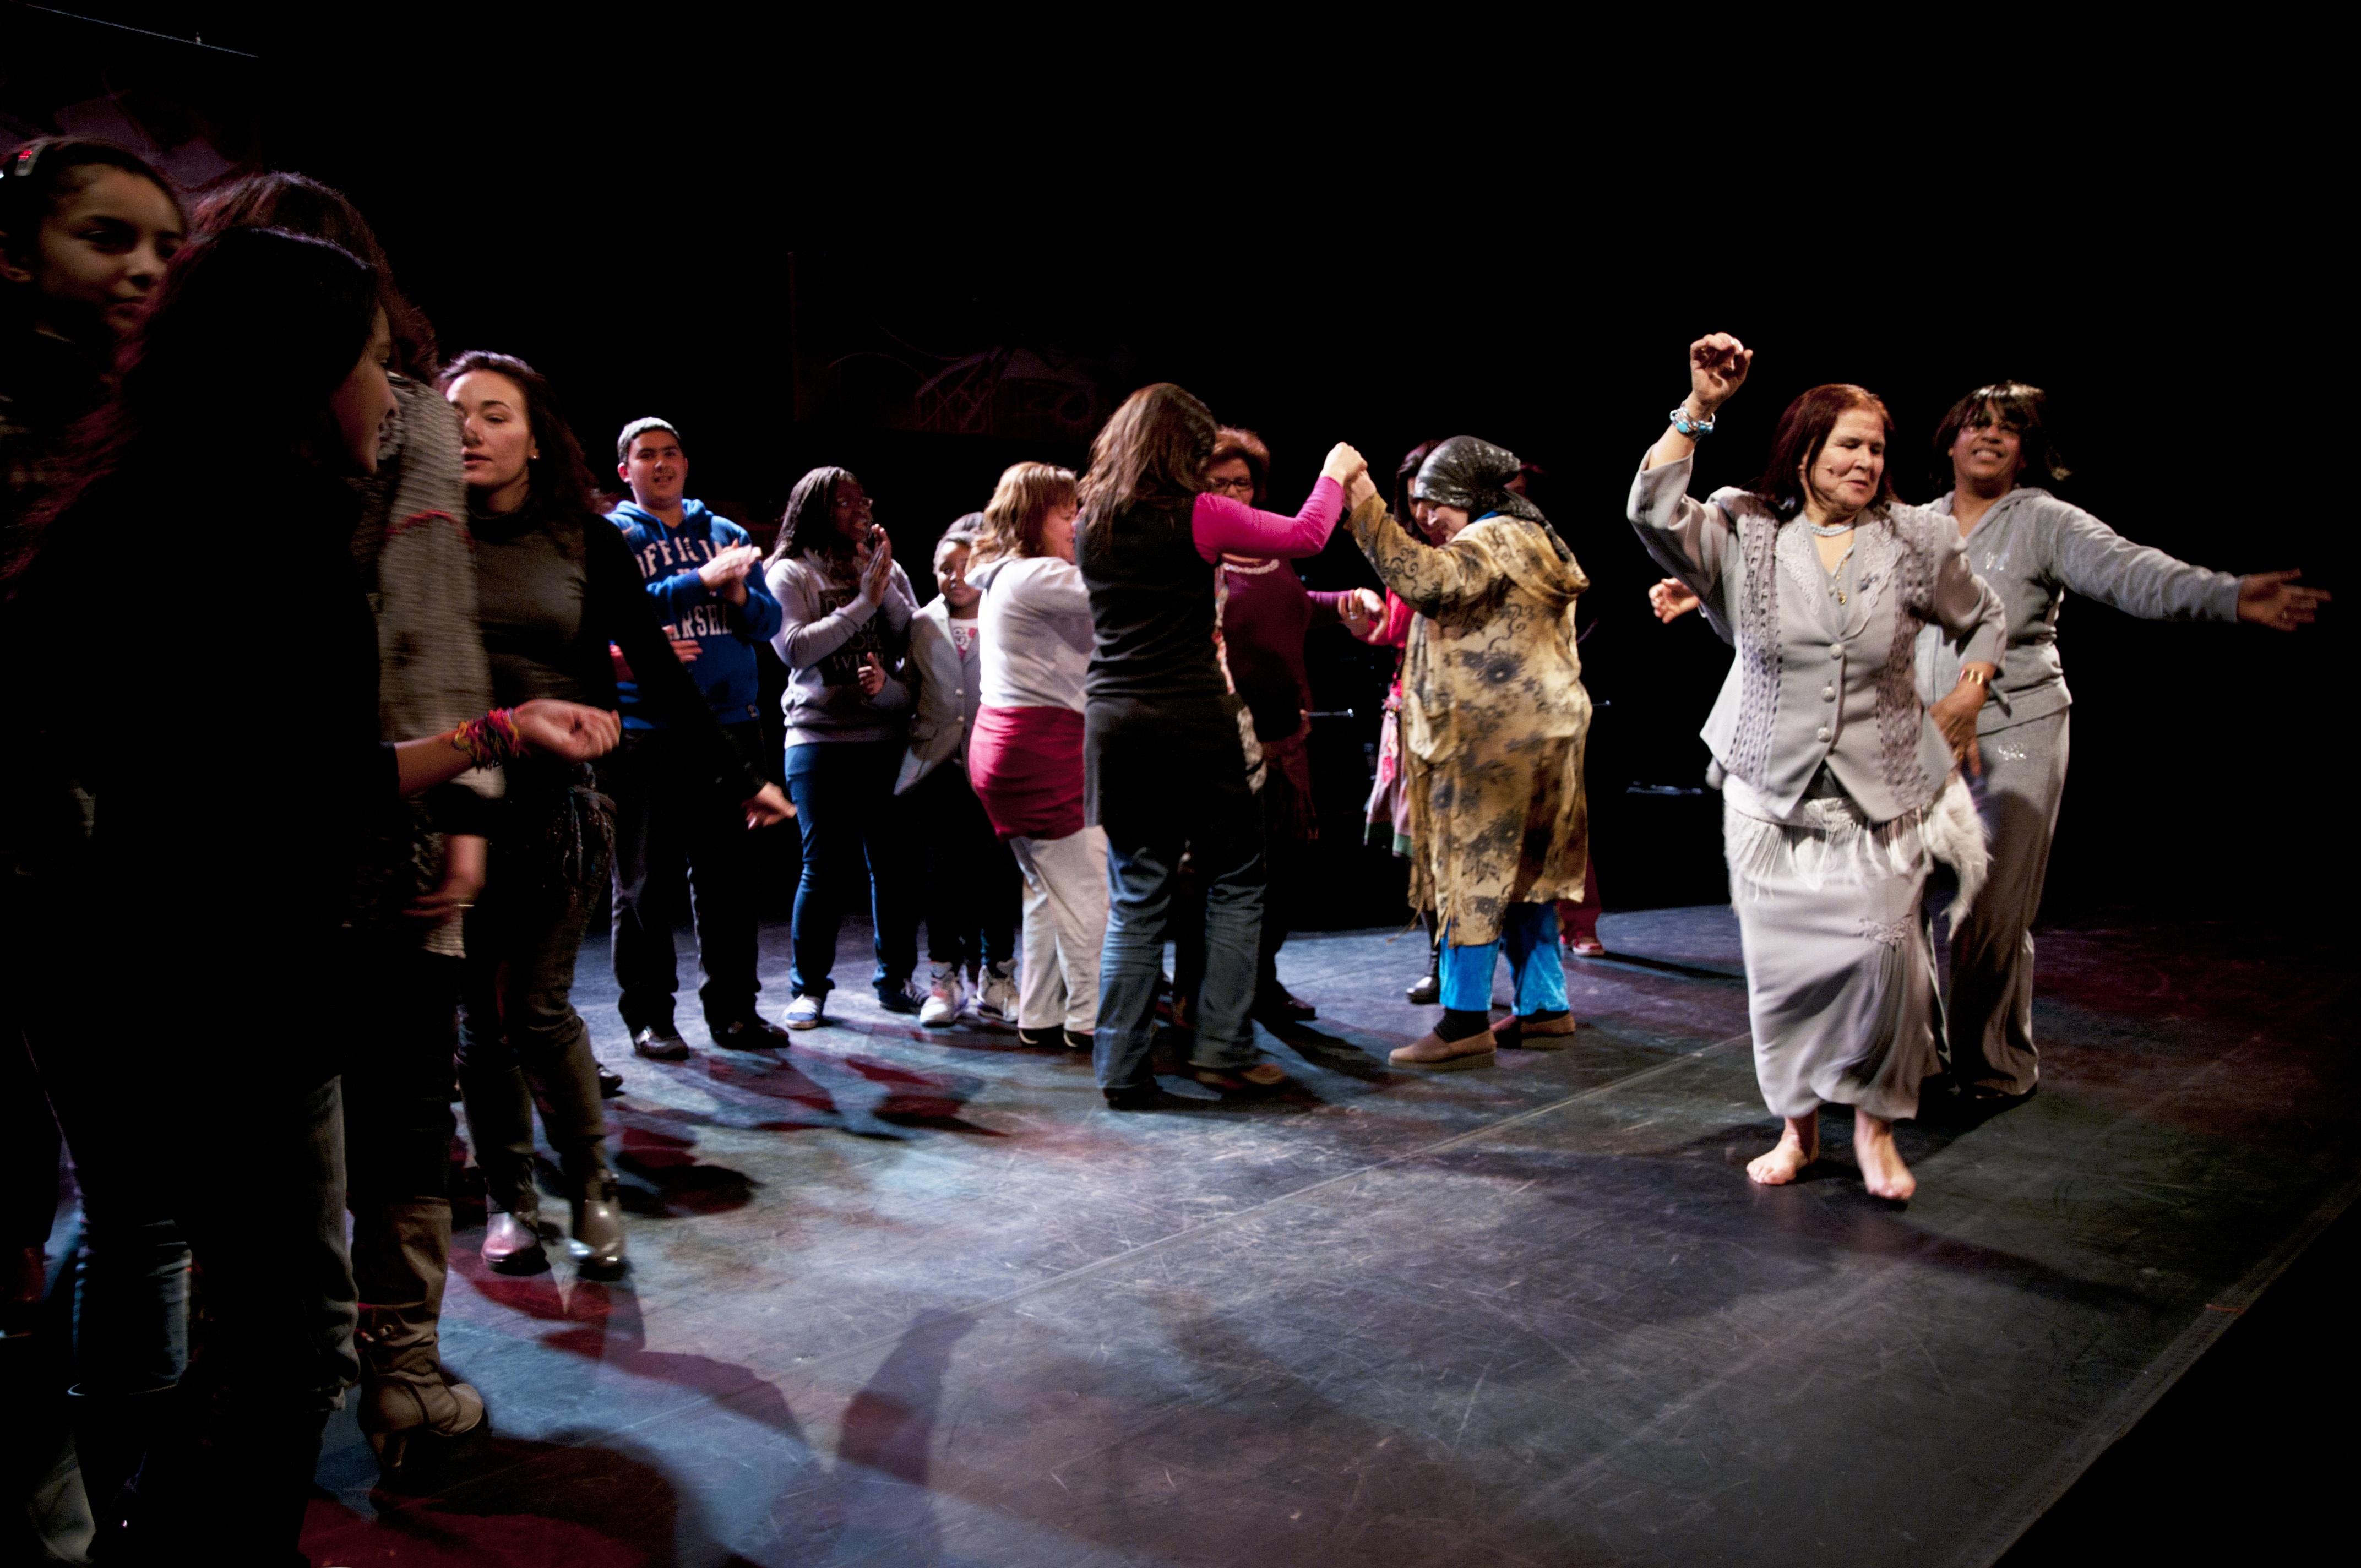 Photo 2 : (DR Tata Milouda) Spectacle de Tata Milouda : « Vive la liberté ». Milouda Chaqiq, femme sexagénaire marocaine d'origine rurale et modeste ayant débarqué en région parisienne à la fin des années 1980, joue, danse et chante les anecdotes de sa vie, des plus comiques aux plus tragiques. Elle évoque dans son slam les thèmes de l'alphabétisation, des femmes battues, de la soif d'apprendre ou de l'interdiction de danser dans son enfance.